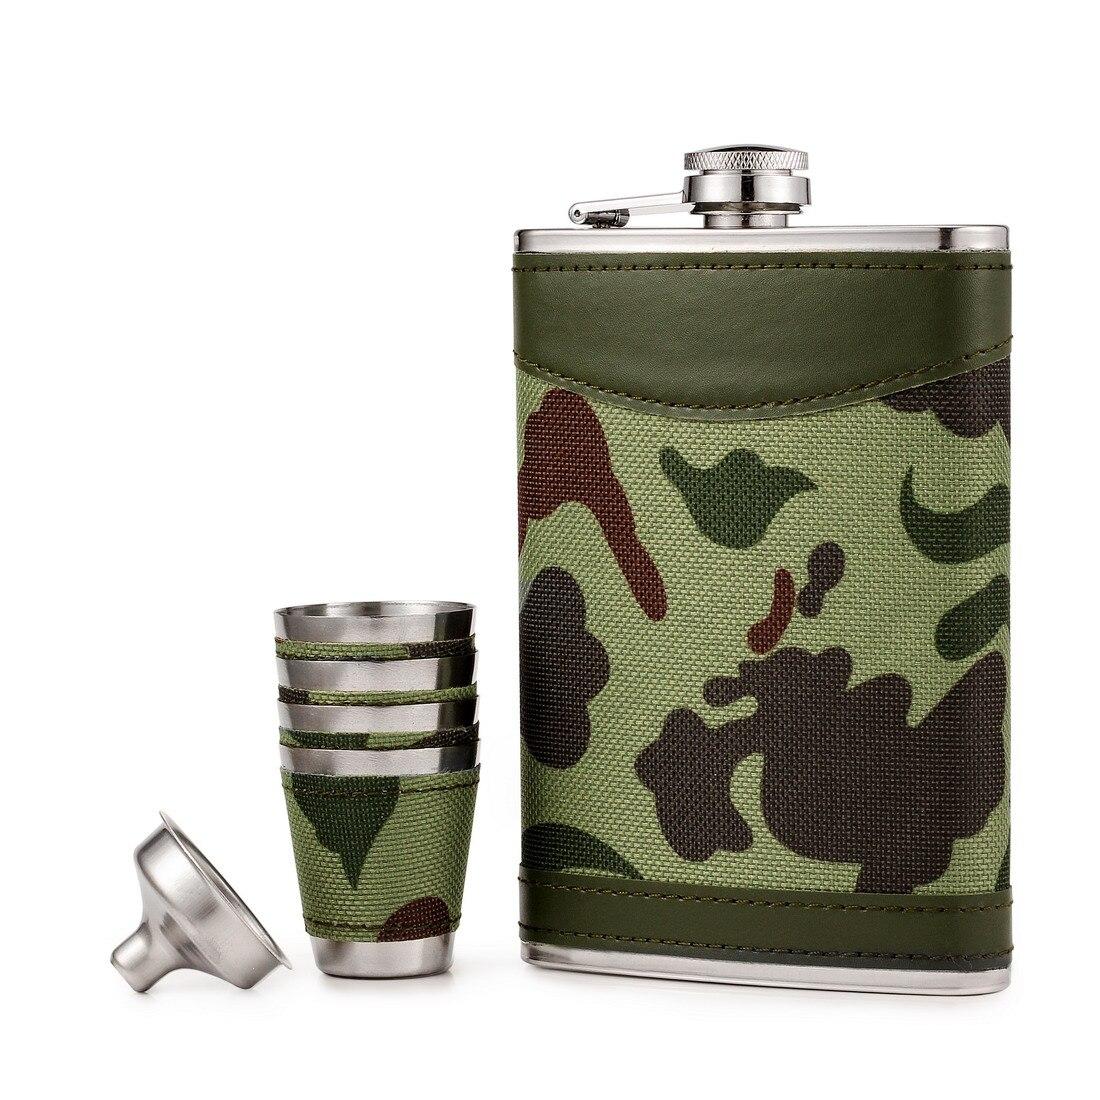 Carrywon 9 OZ Camo flacons d'alcool 18/8 flacon en acier inoxydable avec entonnoir preuve de fuite d'alcool whisky cadeau flacon de hanche ensemble pour hommes